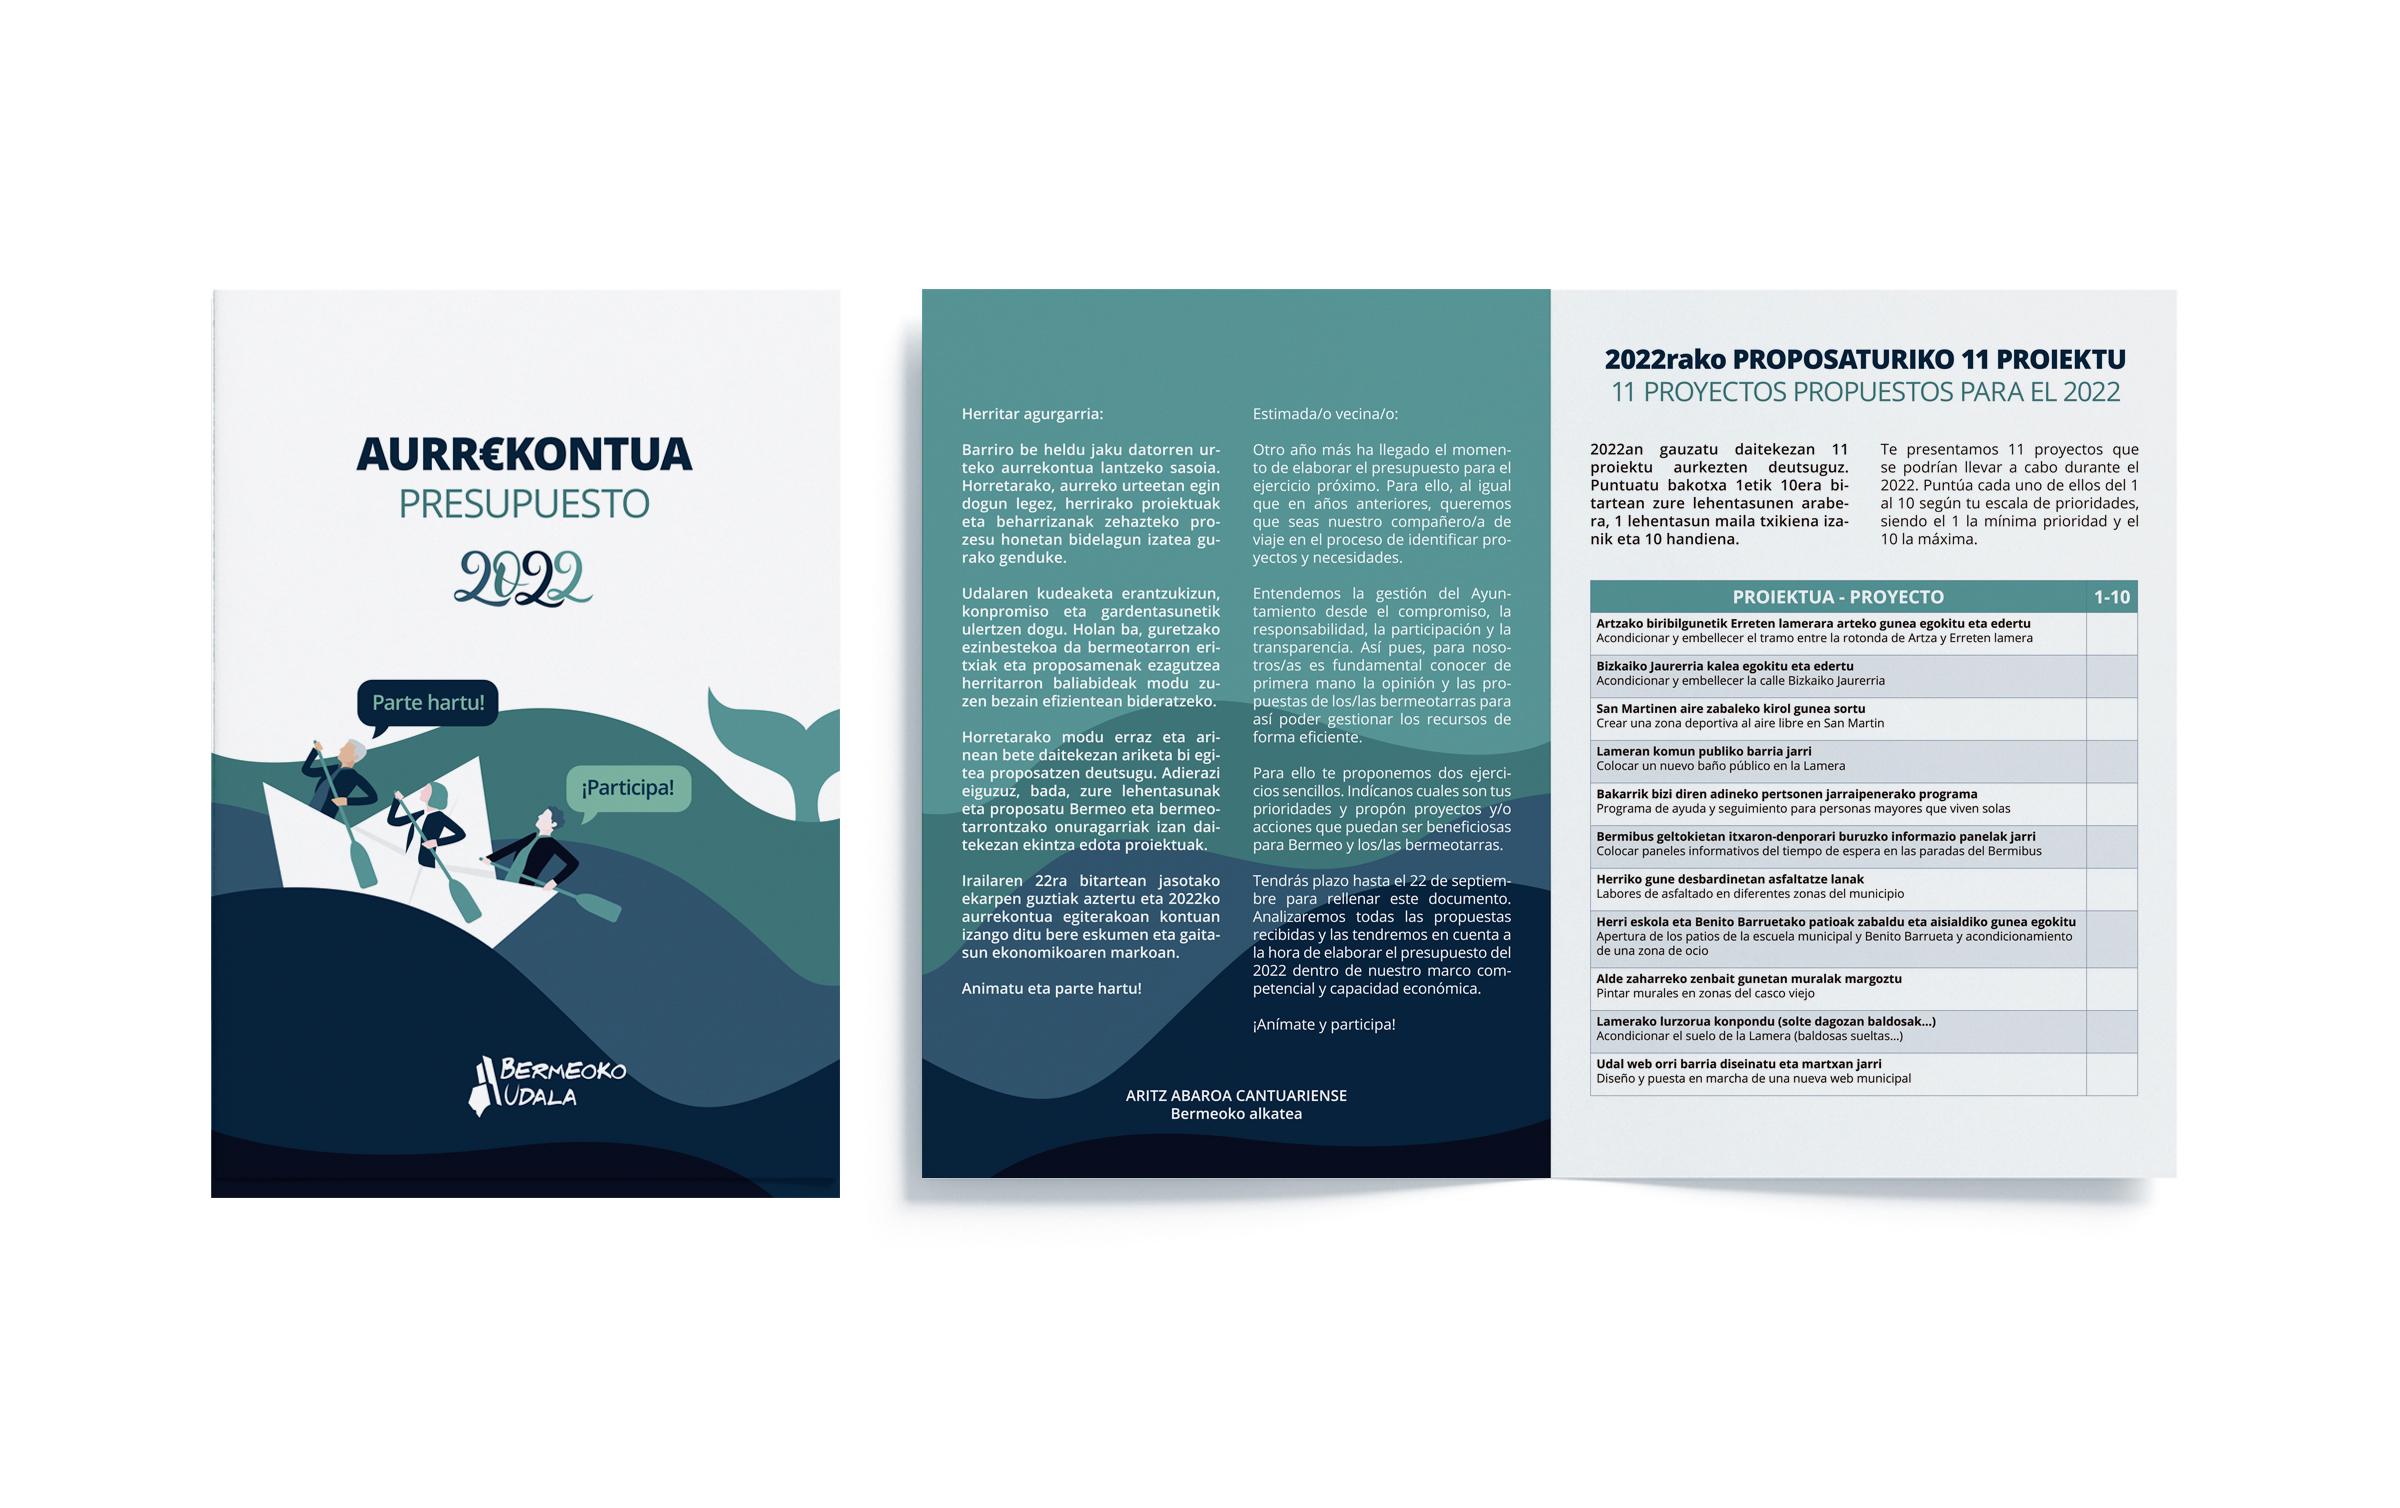 Folleto presupuestos participativos